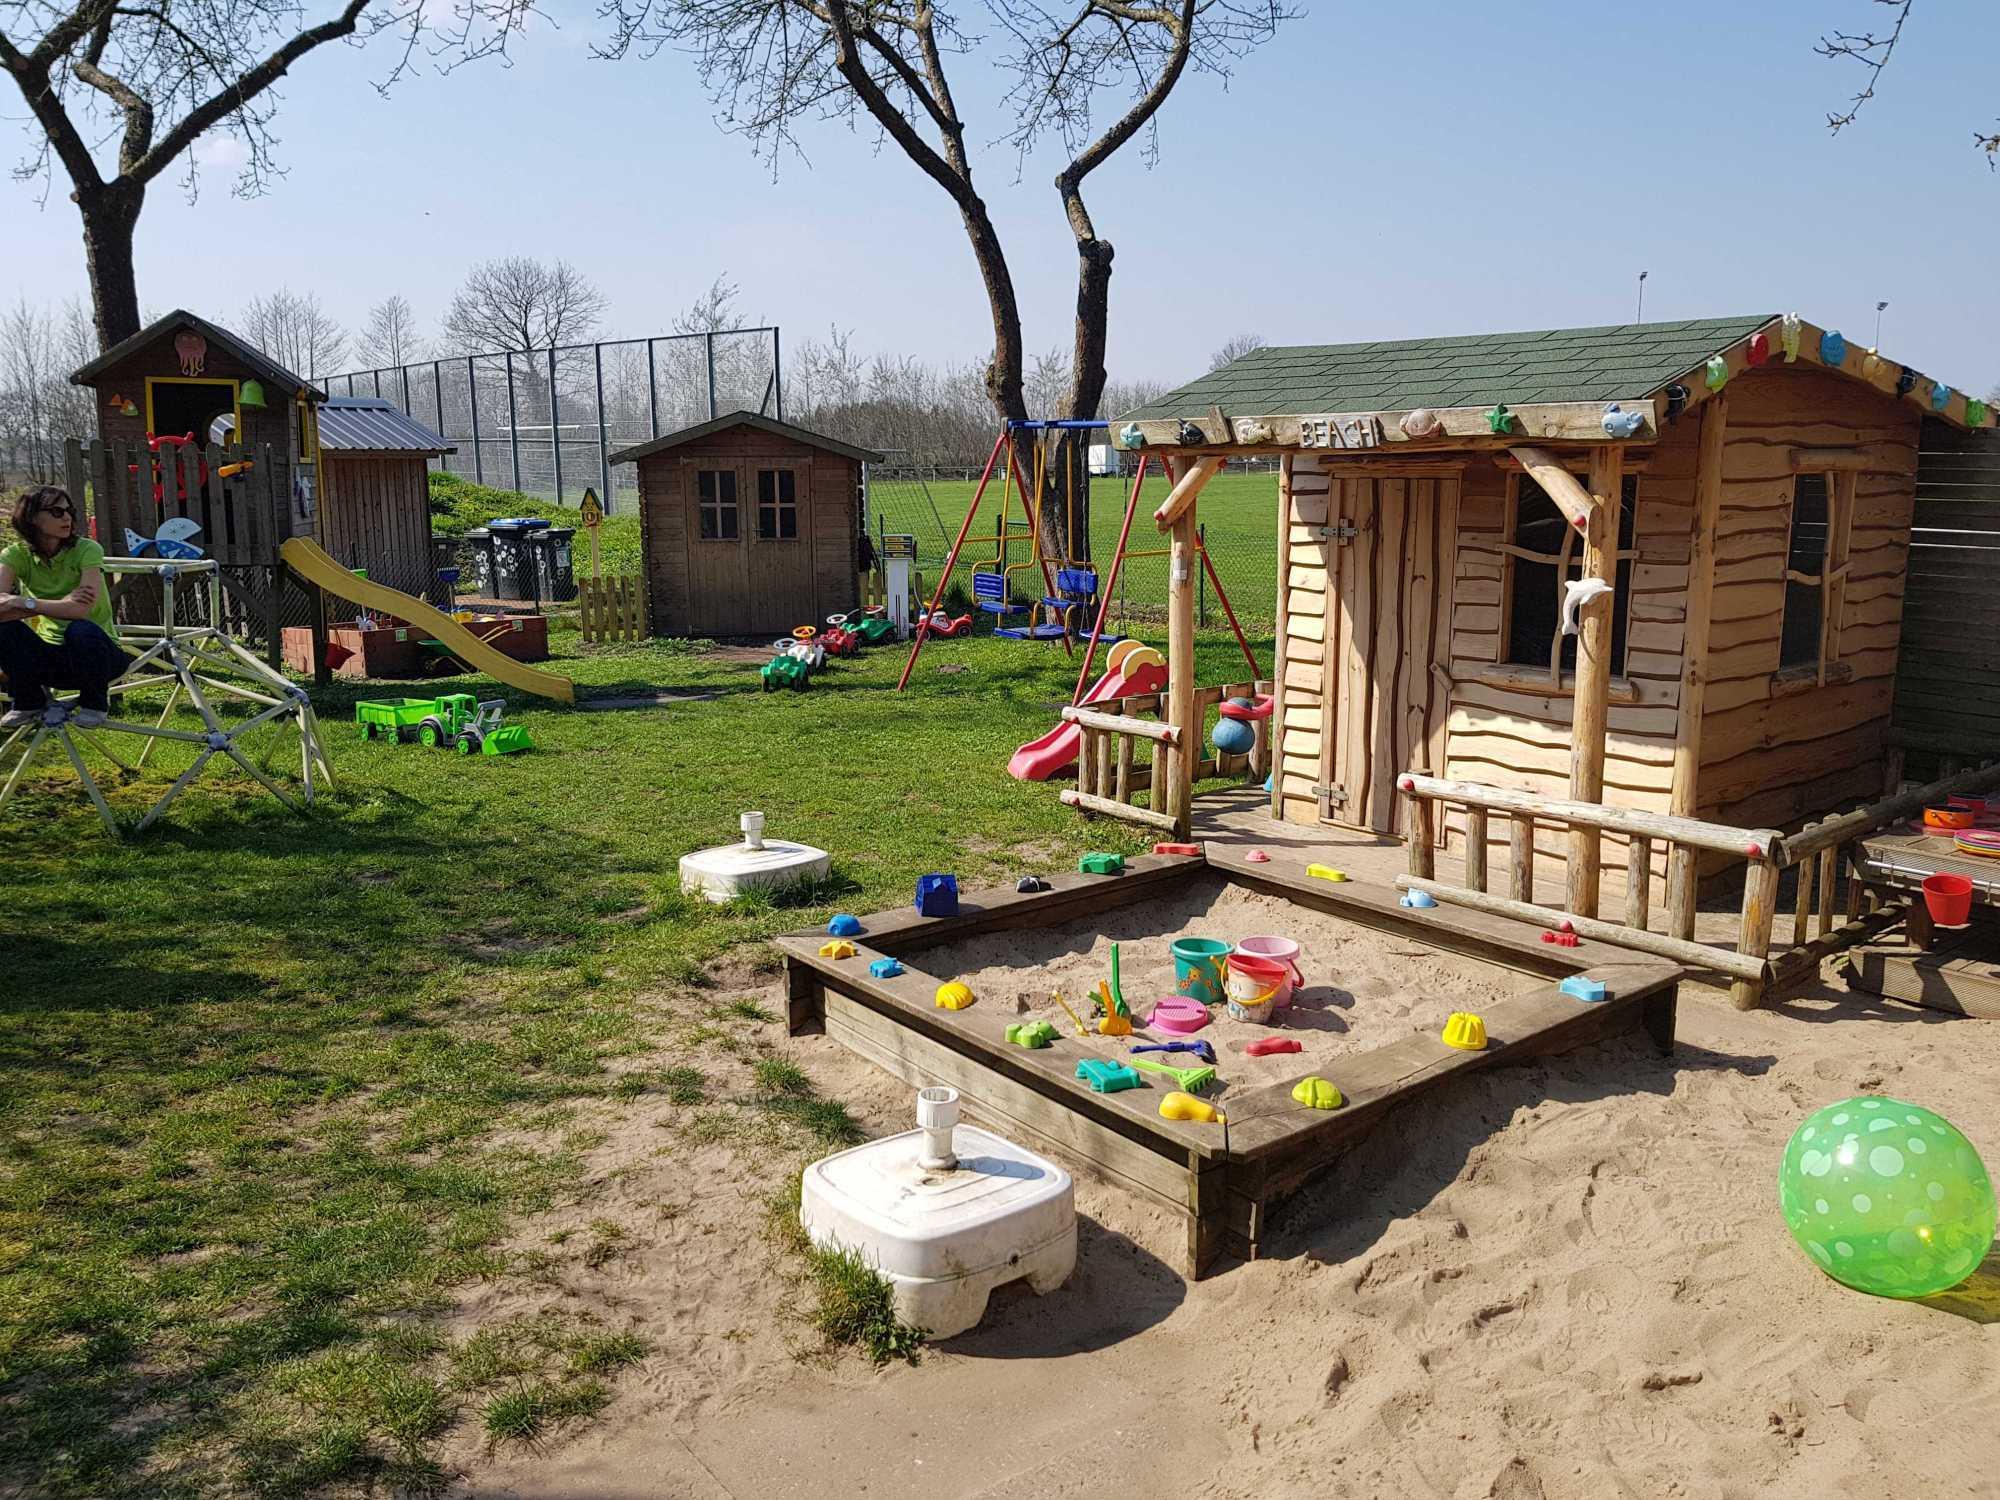 Kita Kid Zone Kinderbetreuung 97 - Kinder-Strandhaus